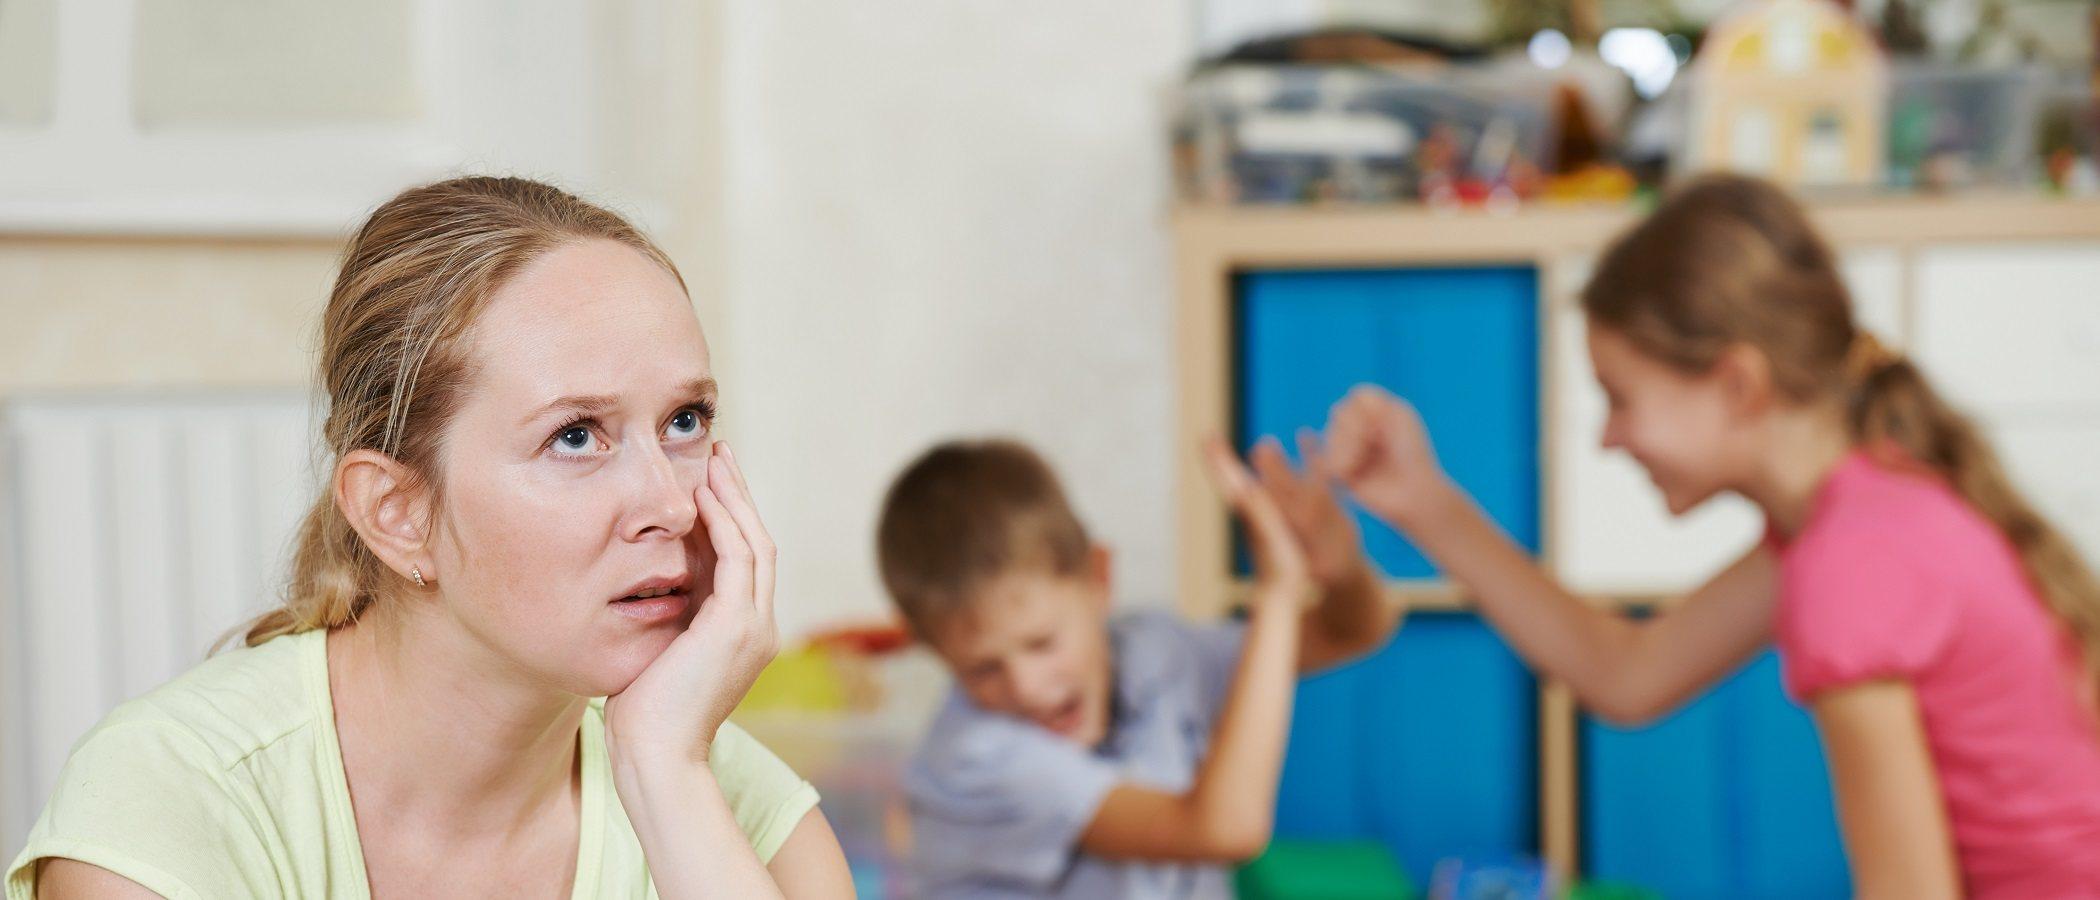 Rasgos sociopáticos en niños